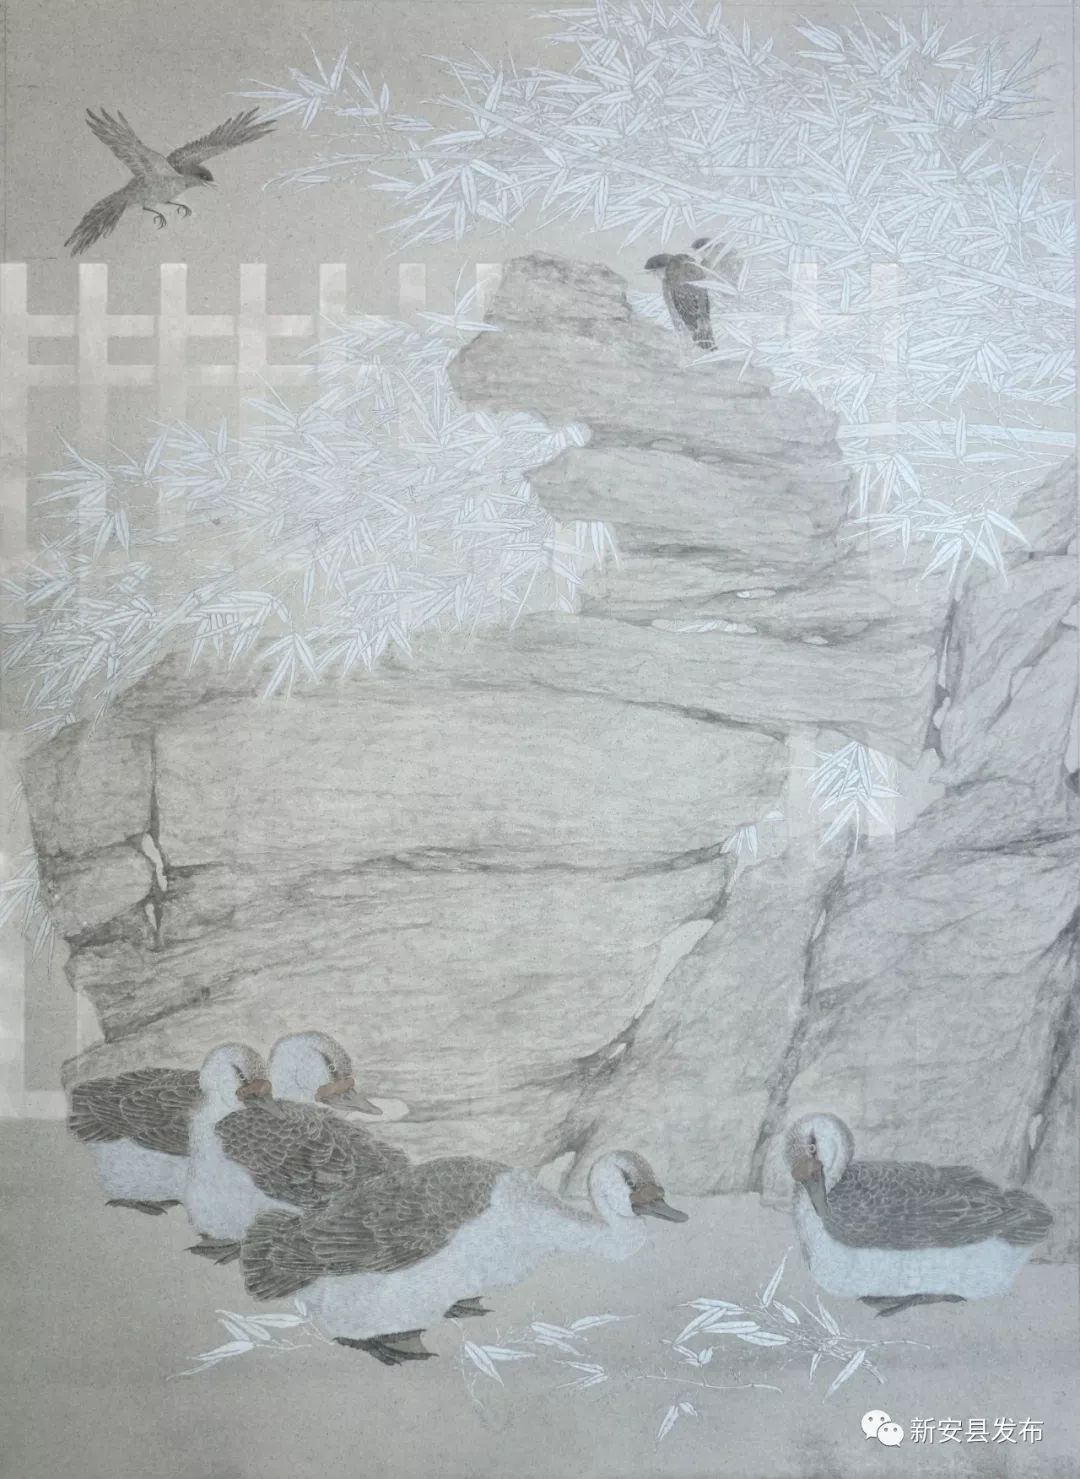 三次入选国家级美展!新安小伙用画笔勾勒诗与远方……